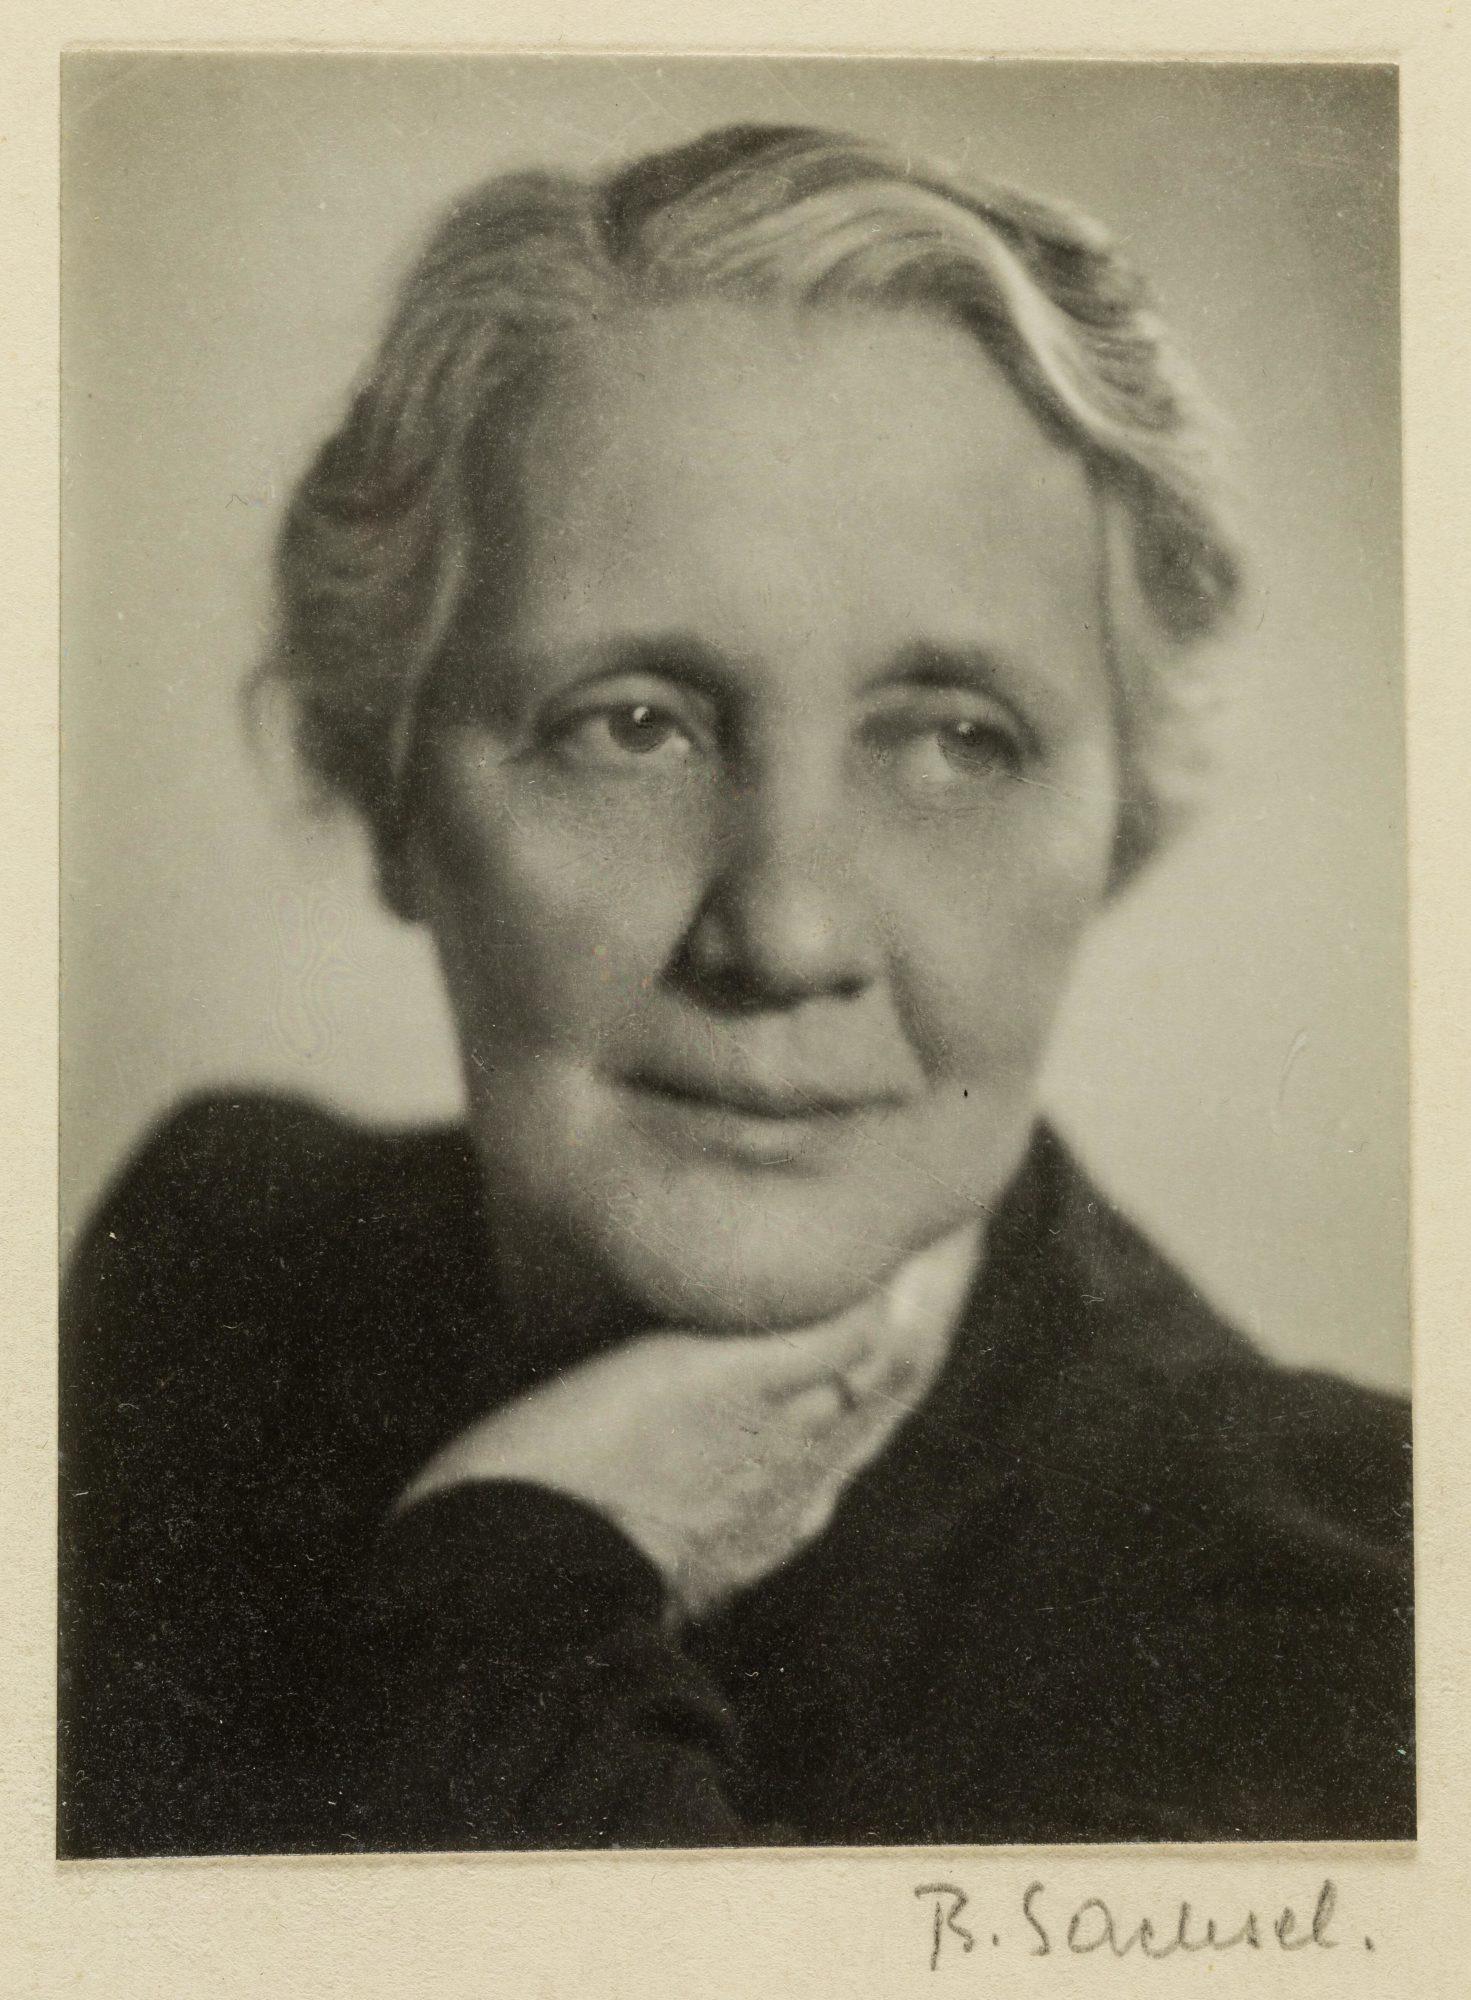 Photographie de Melanie Klein en 1944 à l'âge de 62 ans